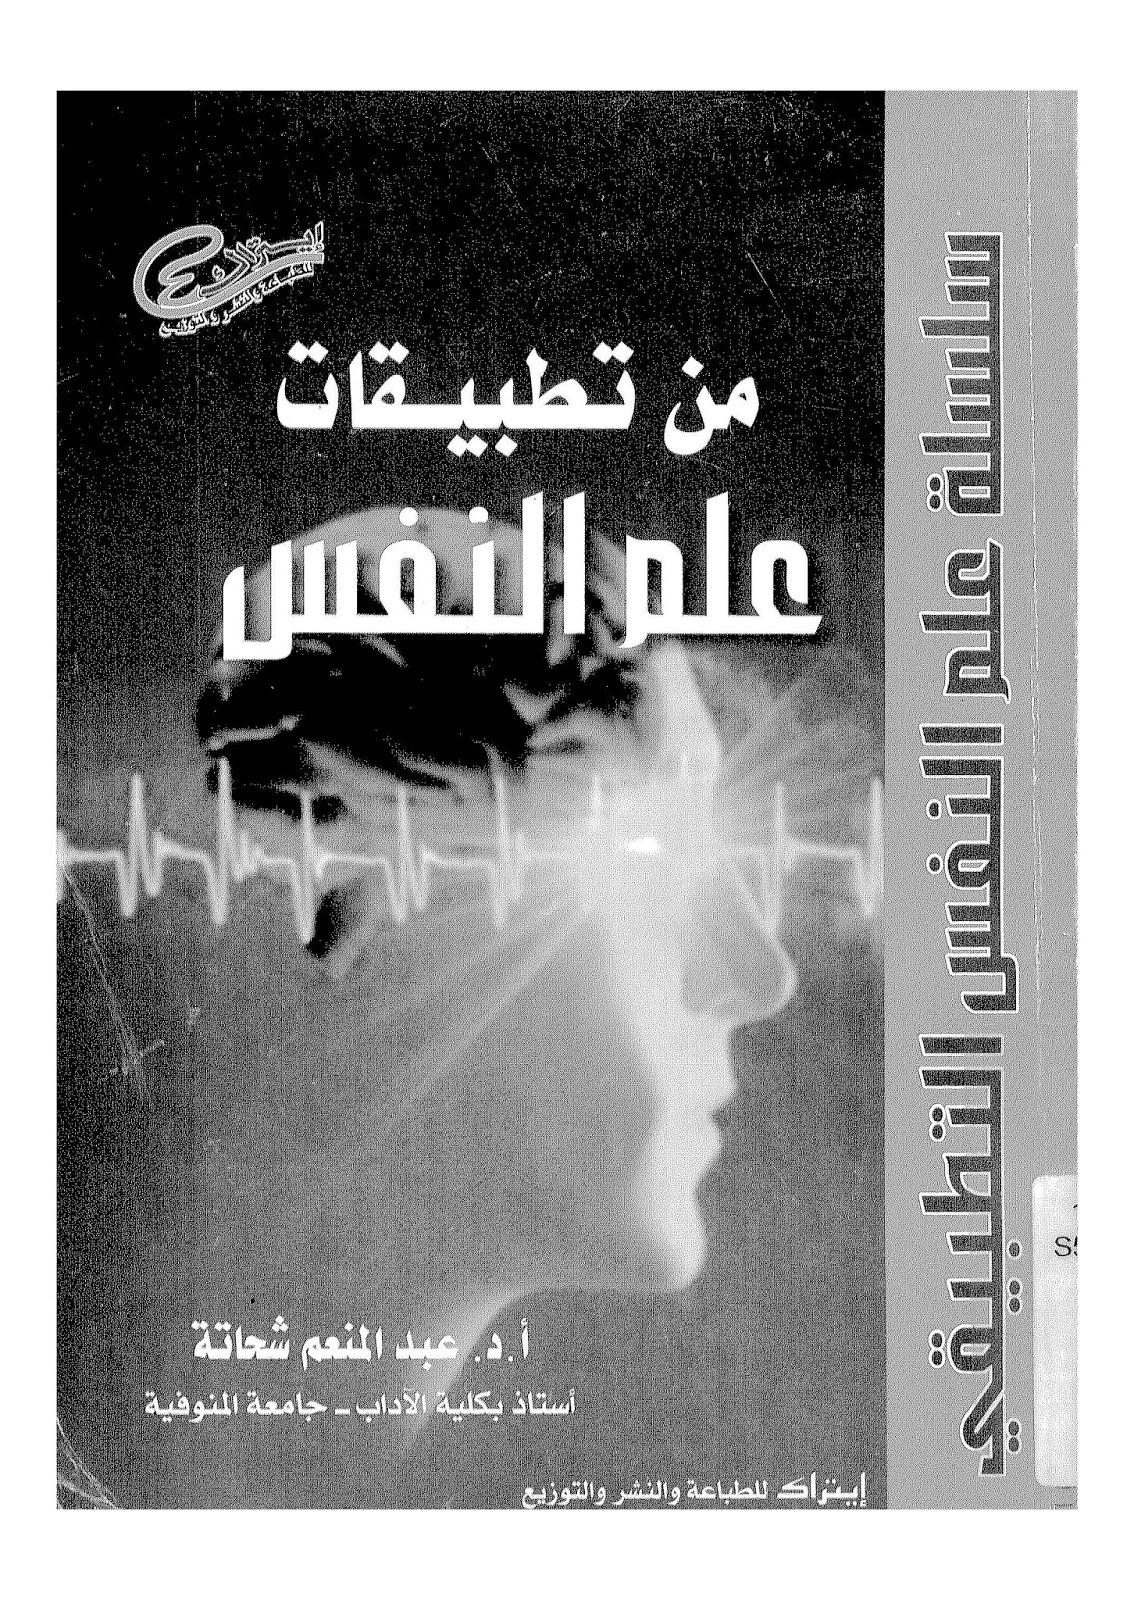 كتاب من تطبيقات علم النفس لـ عبد المنعم شحاتة